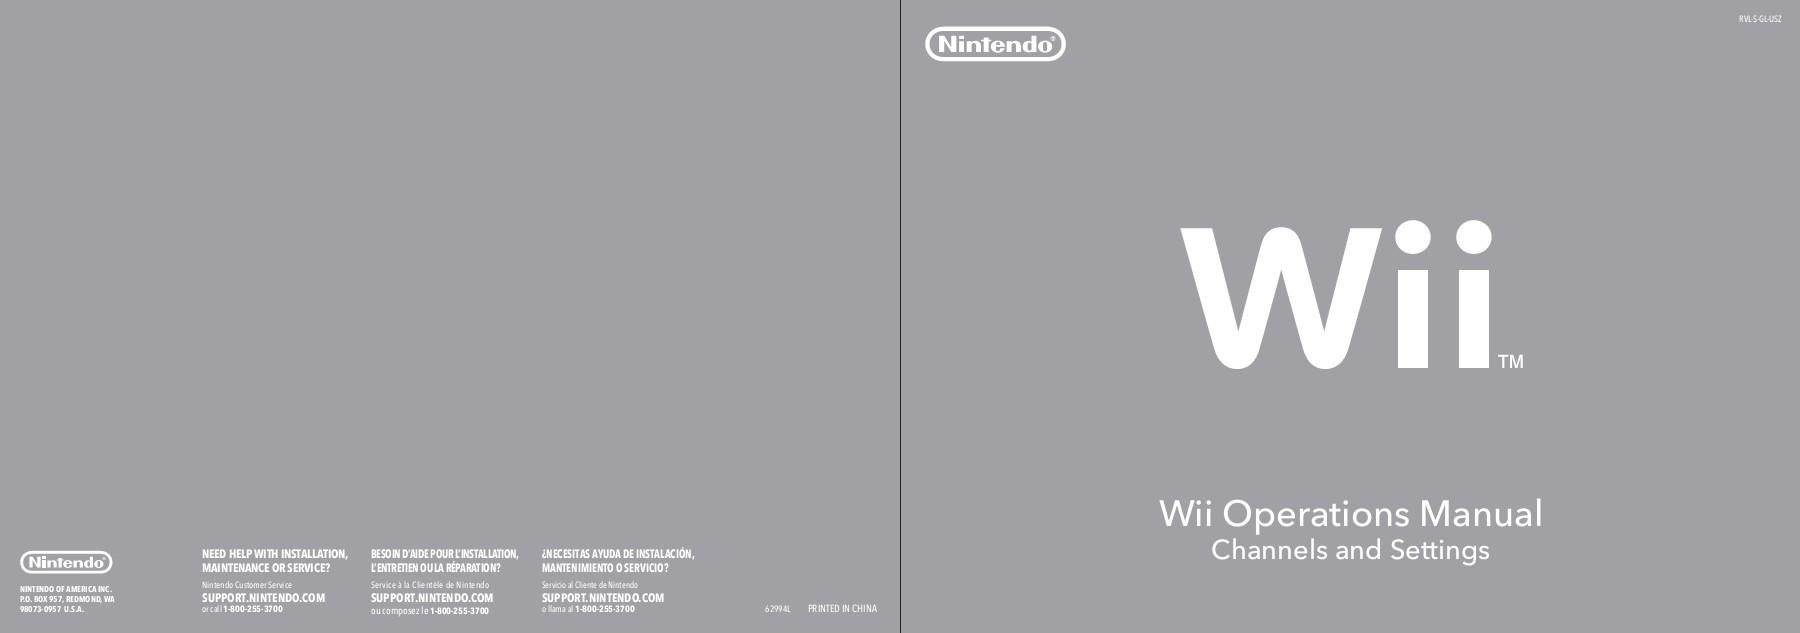 Wii error code 32004